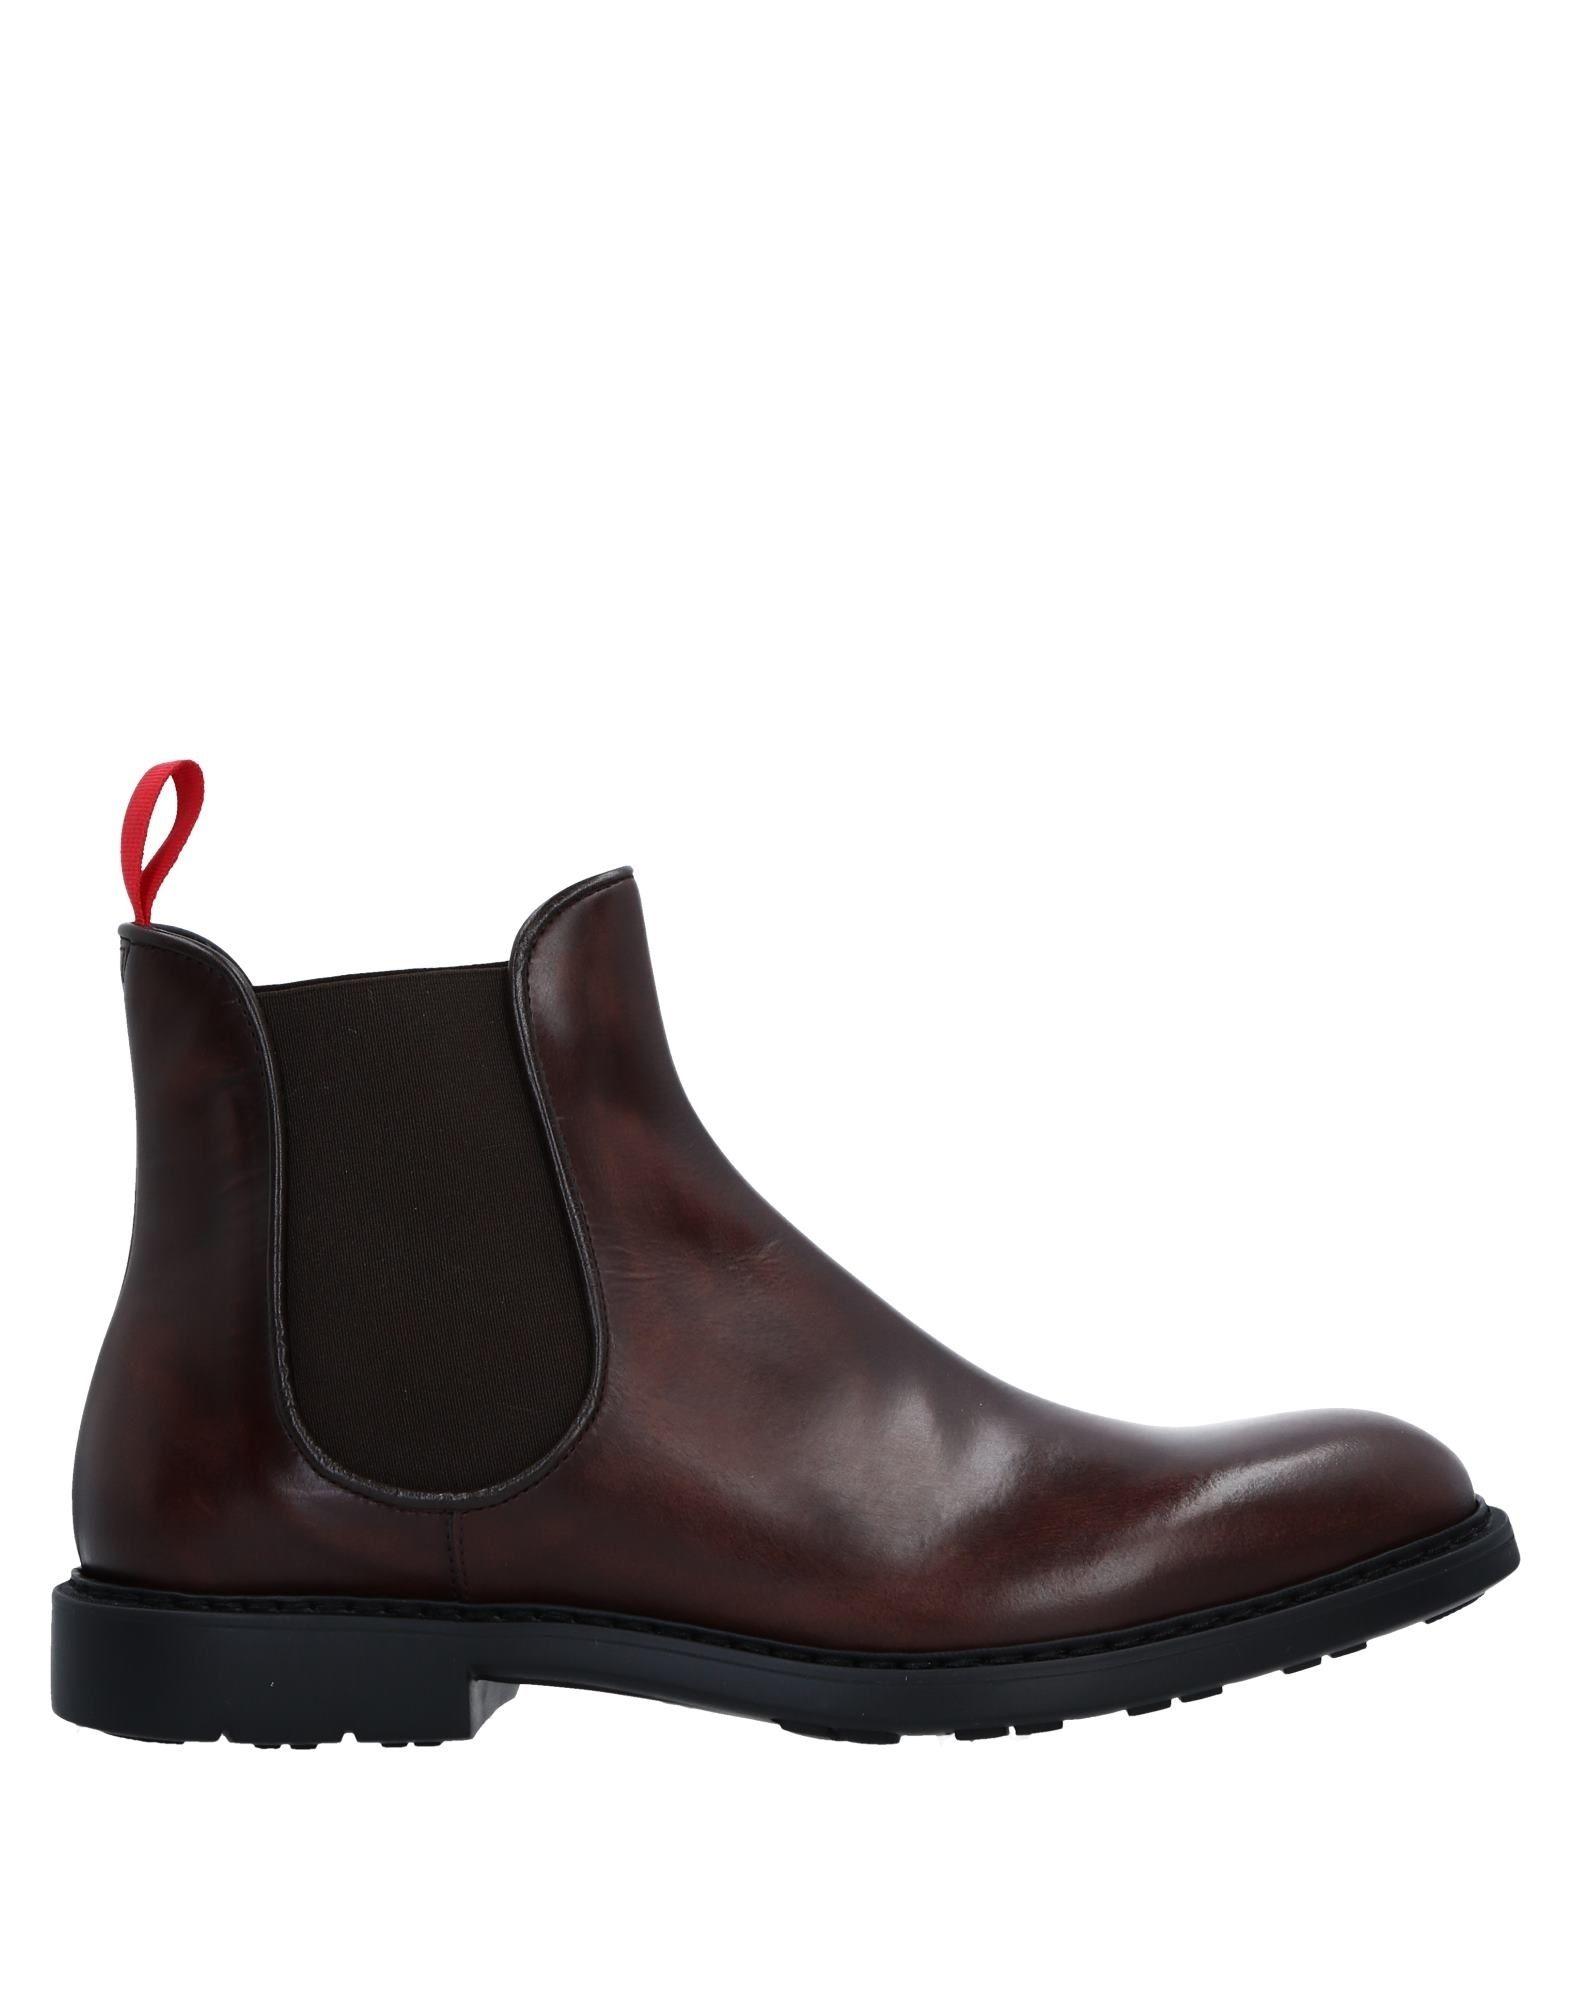 Fabi Stiefelette Herren  11543140PA Gute Qualität beliebte Schuhe